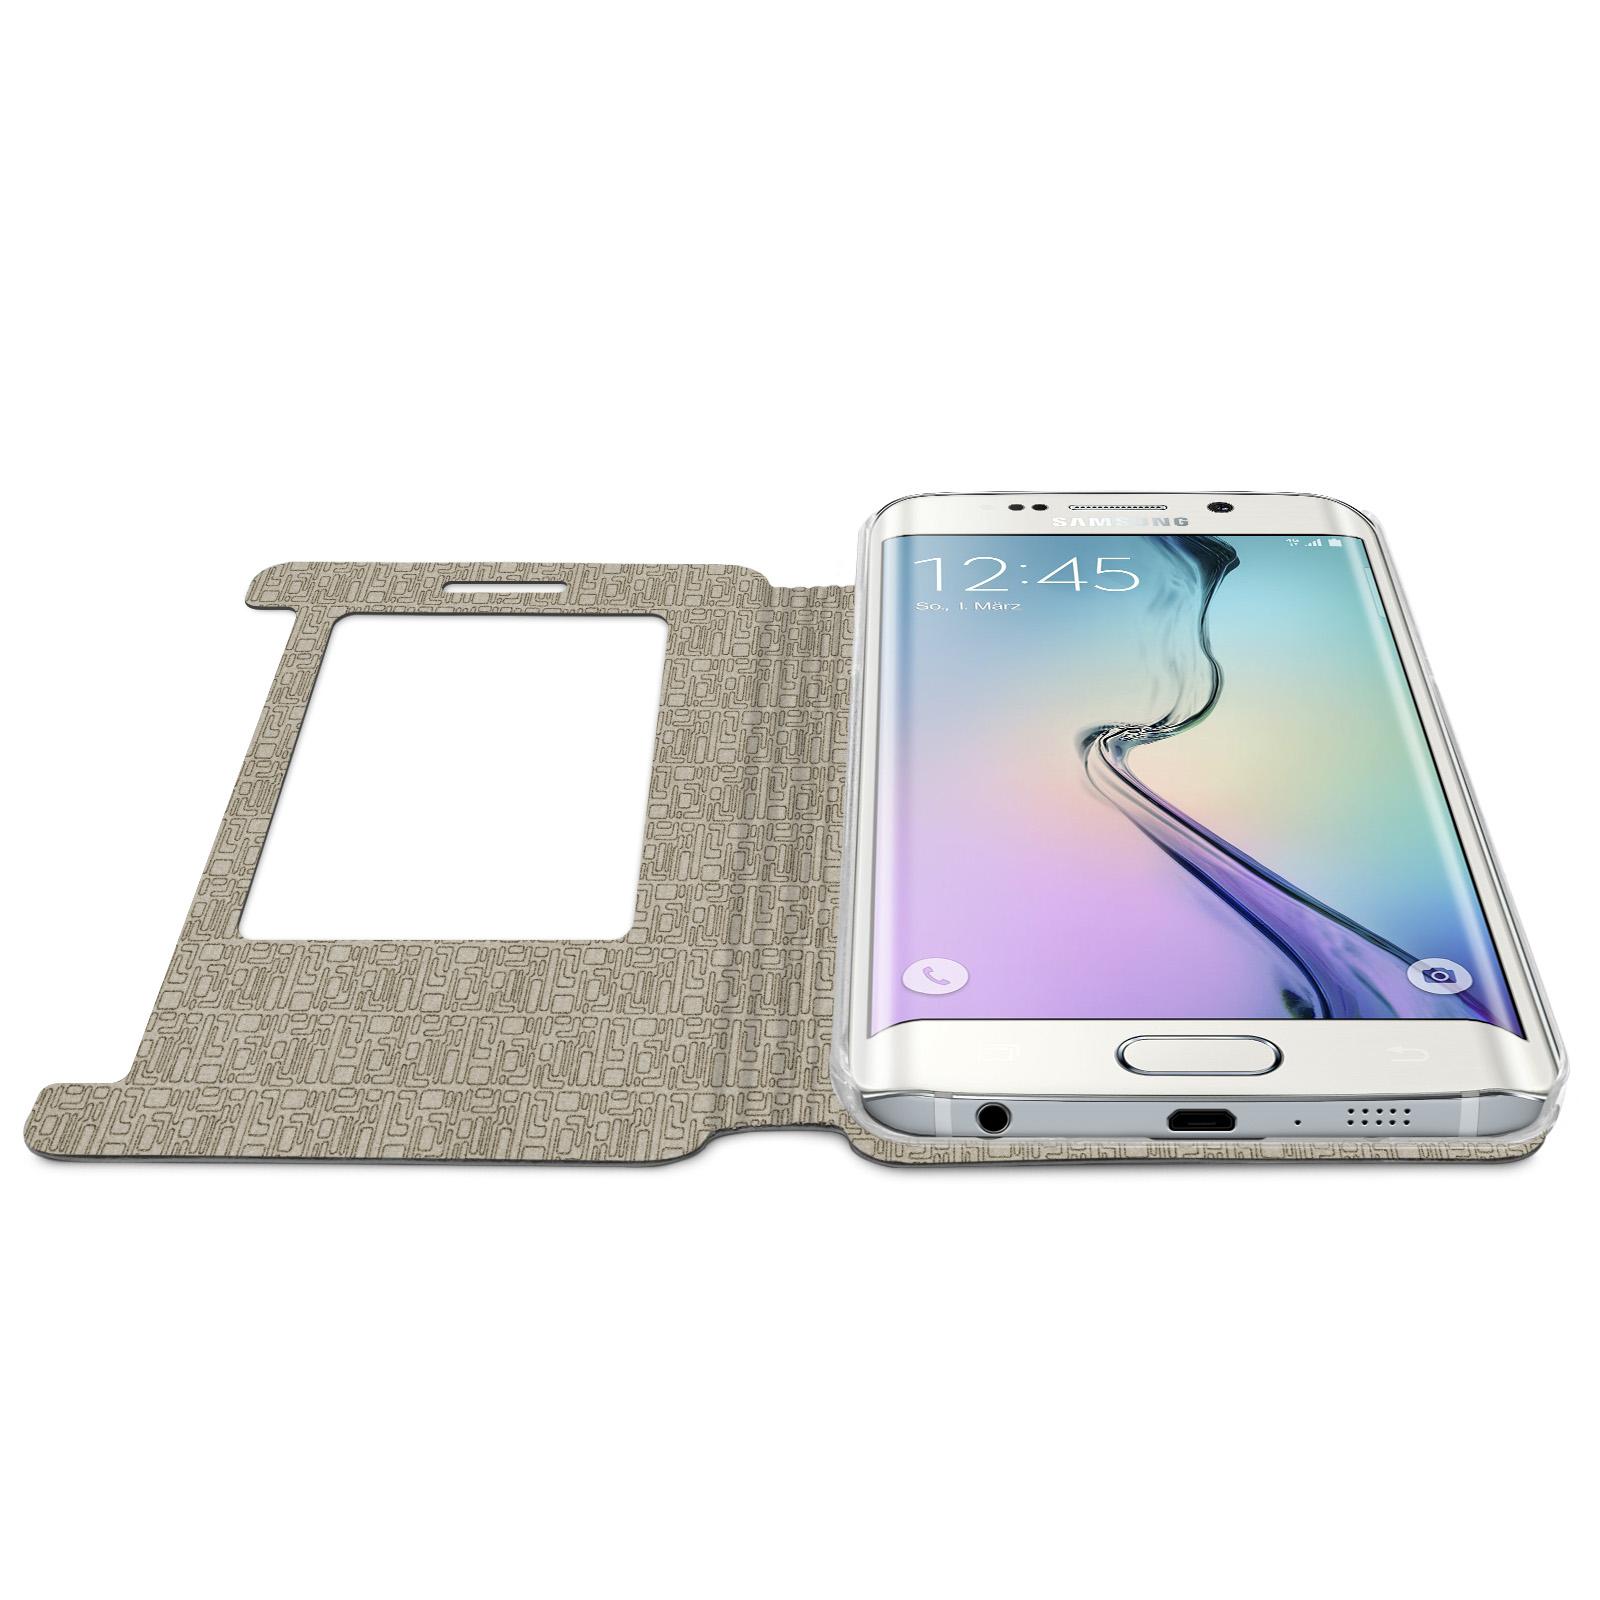 c37a428e7bf eFabrik Schutzhülle für Samsung Galaxy S6 Edge Tasche Hülle mit  Sichtfenster ( KEIN S-VIEW ) Smartphone Flip Handy Cover Stand Funktion